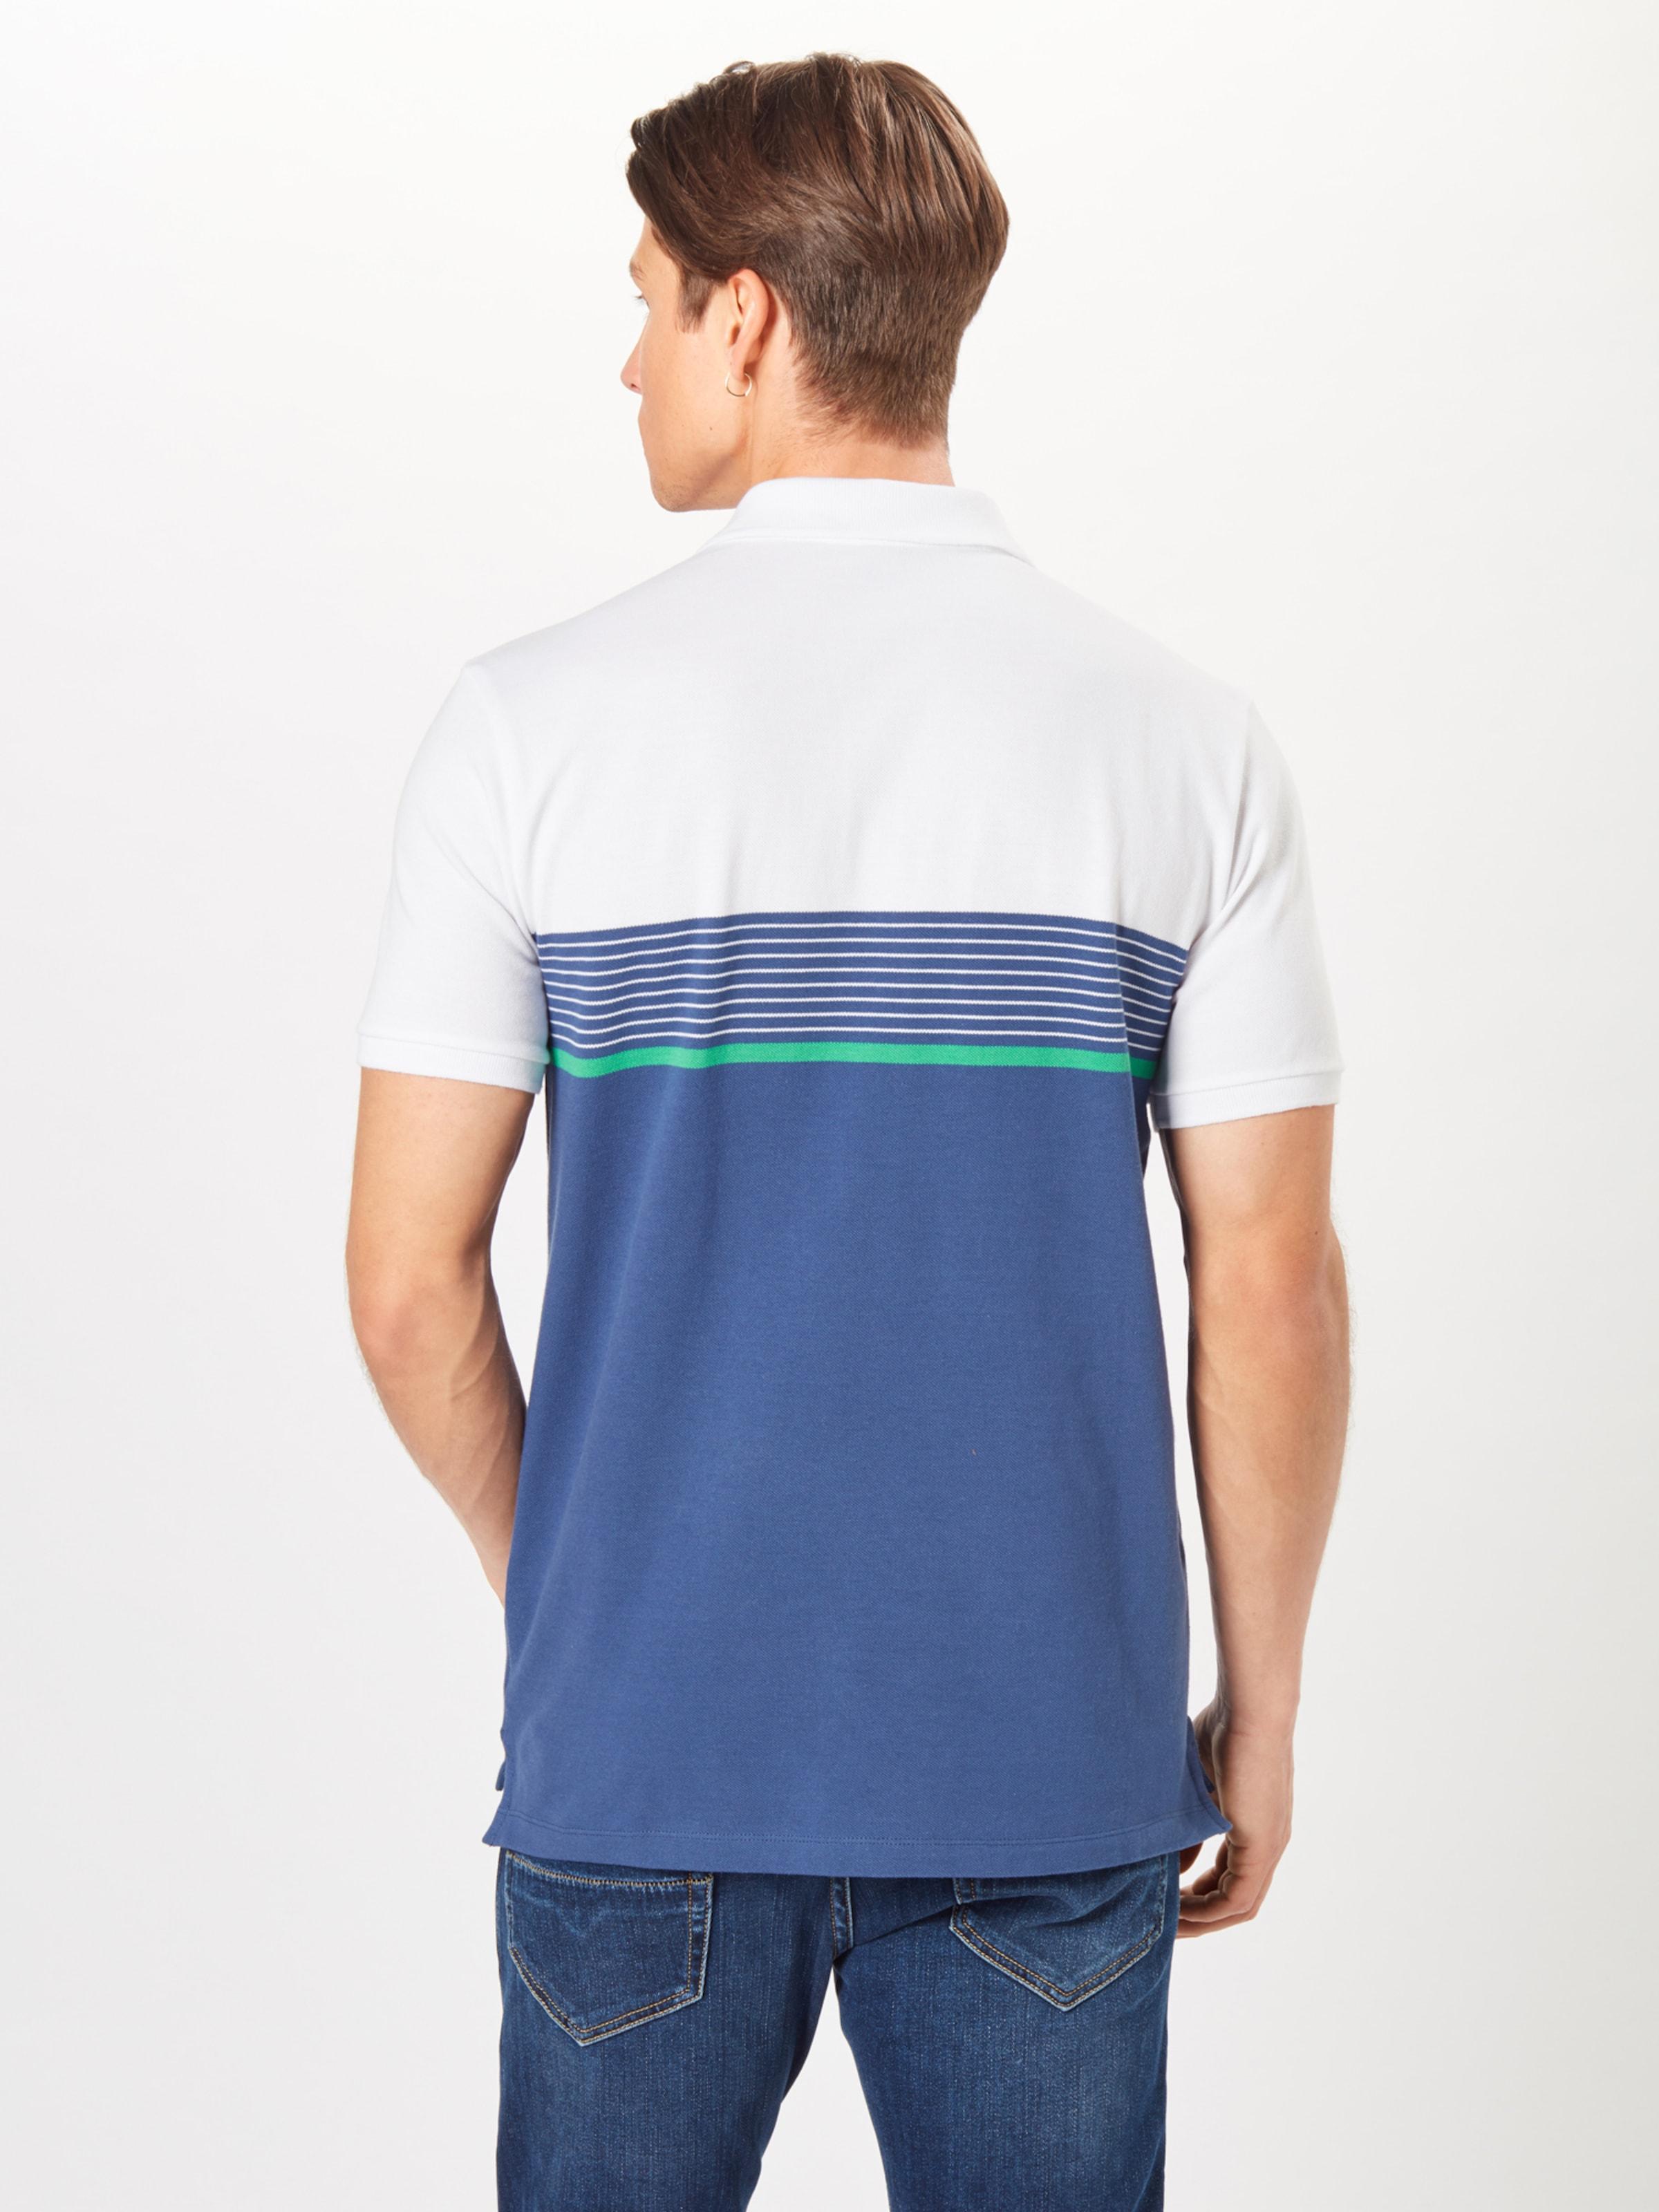 Poloshirt Poloshirt In BlauGrün In Weiß Gap Gap 8N0wOvmn